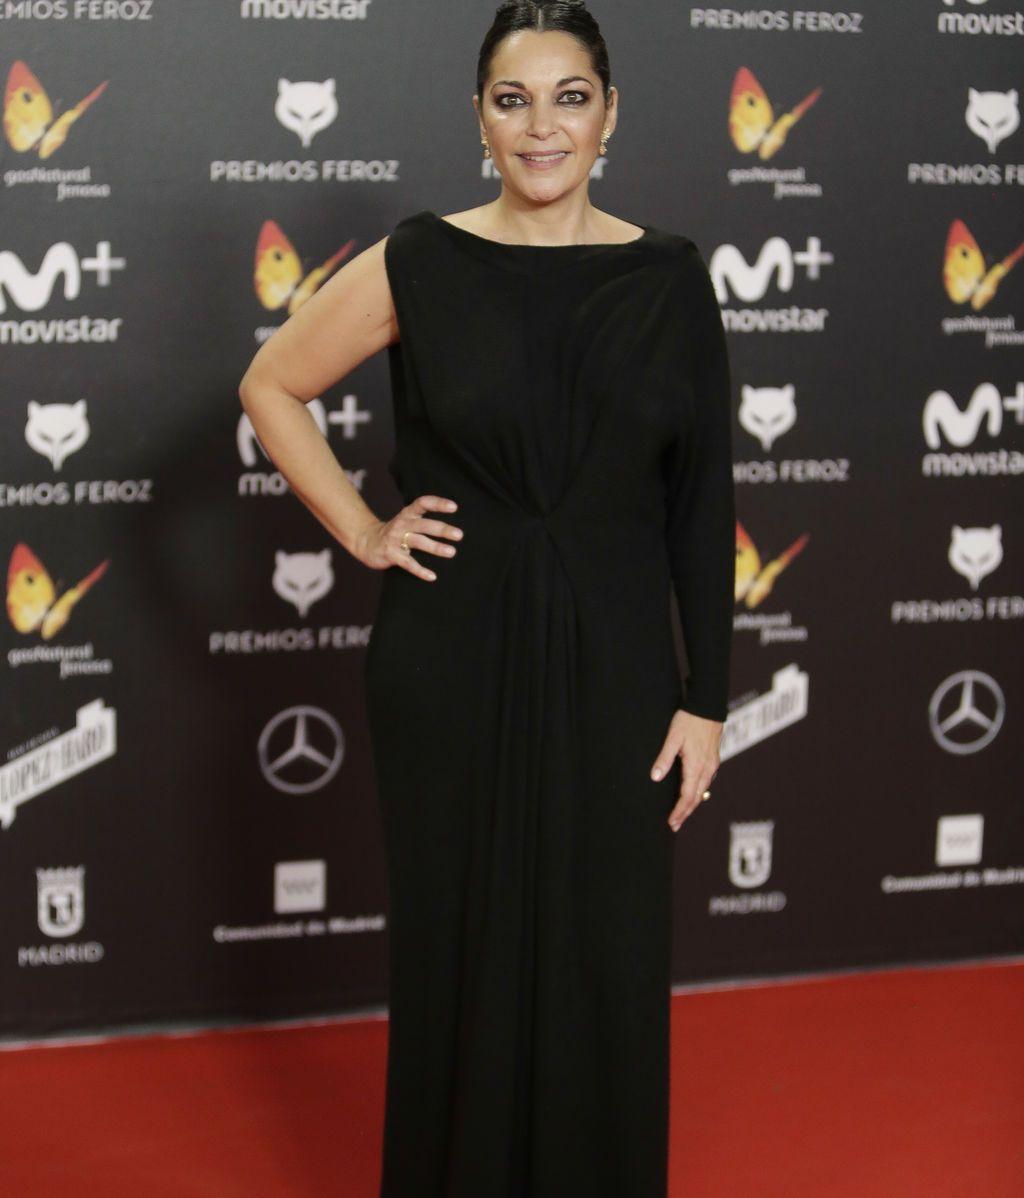 Cristina Plazas, en negro, con manga asimétrica y escote a la espalda